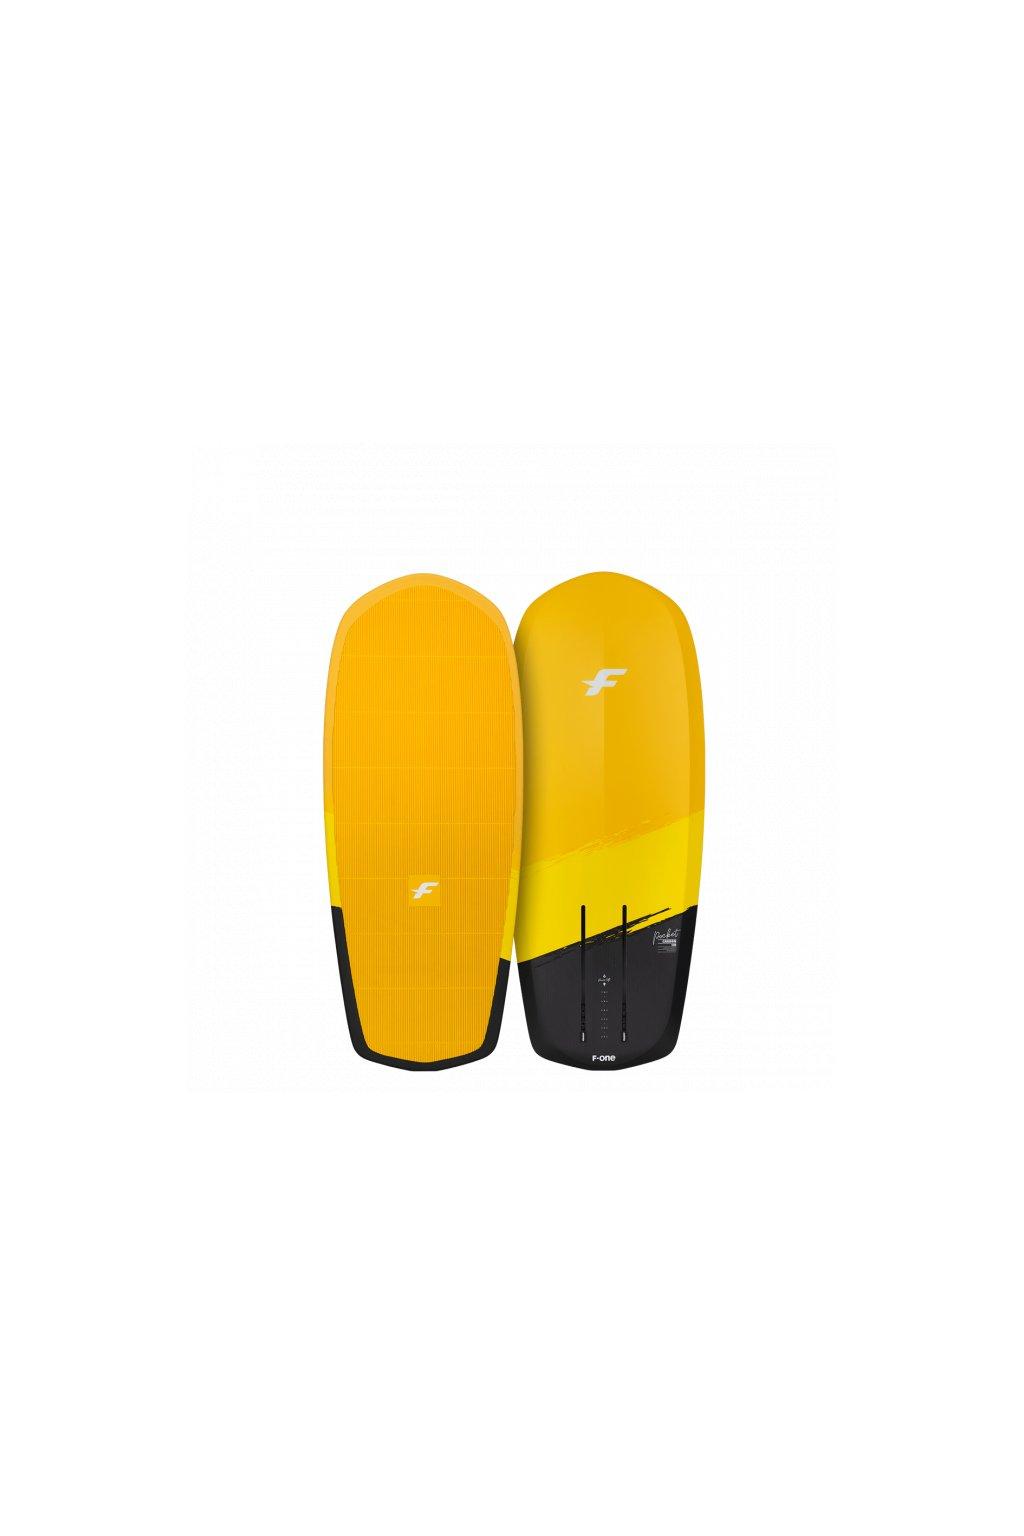 Pocket Foil Carbon 110 650x650